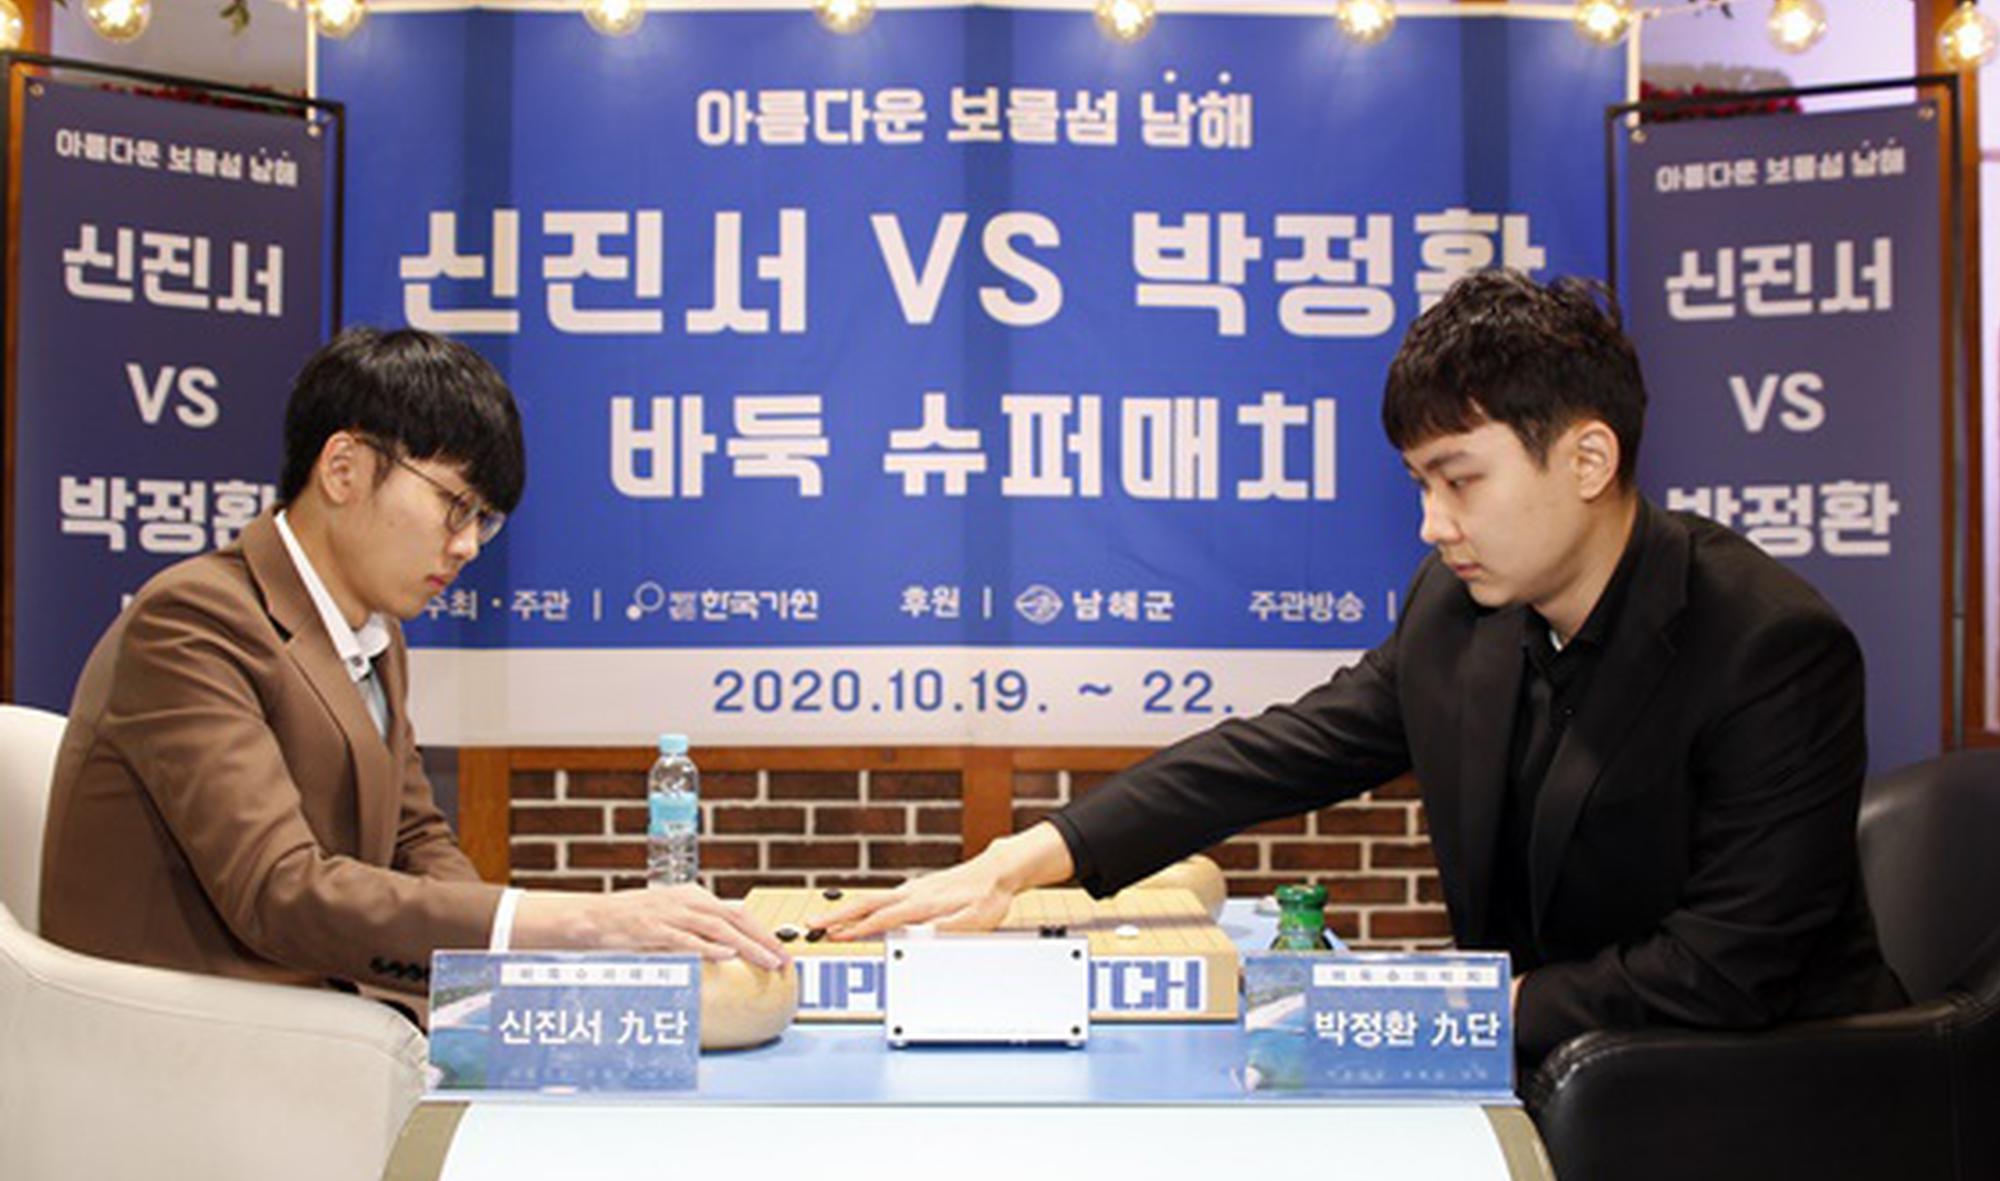 韩国围棋超级对决申真谞再下一城 2:0领先朴廷桓